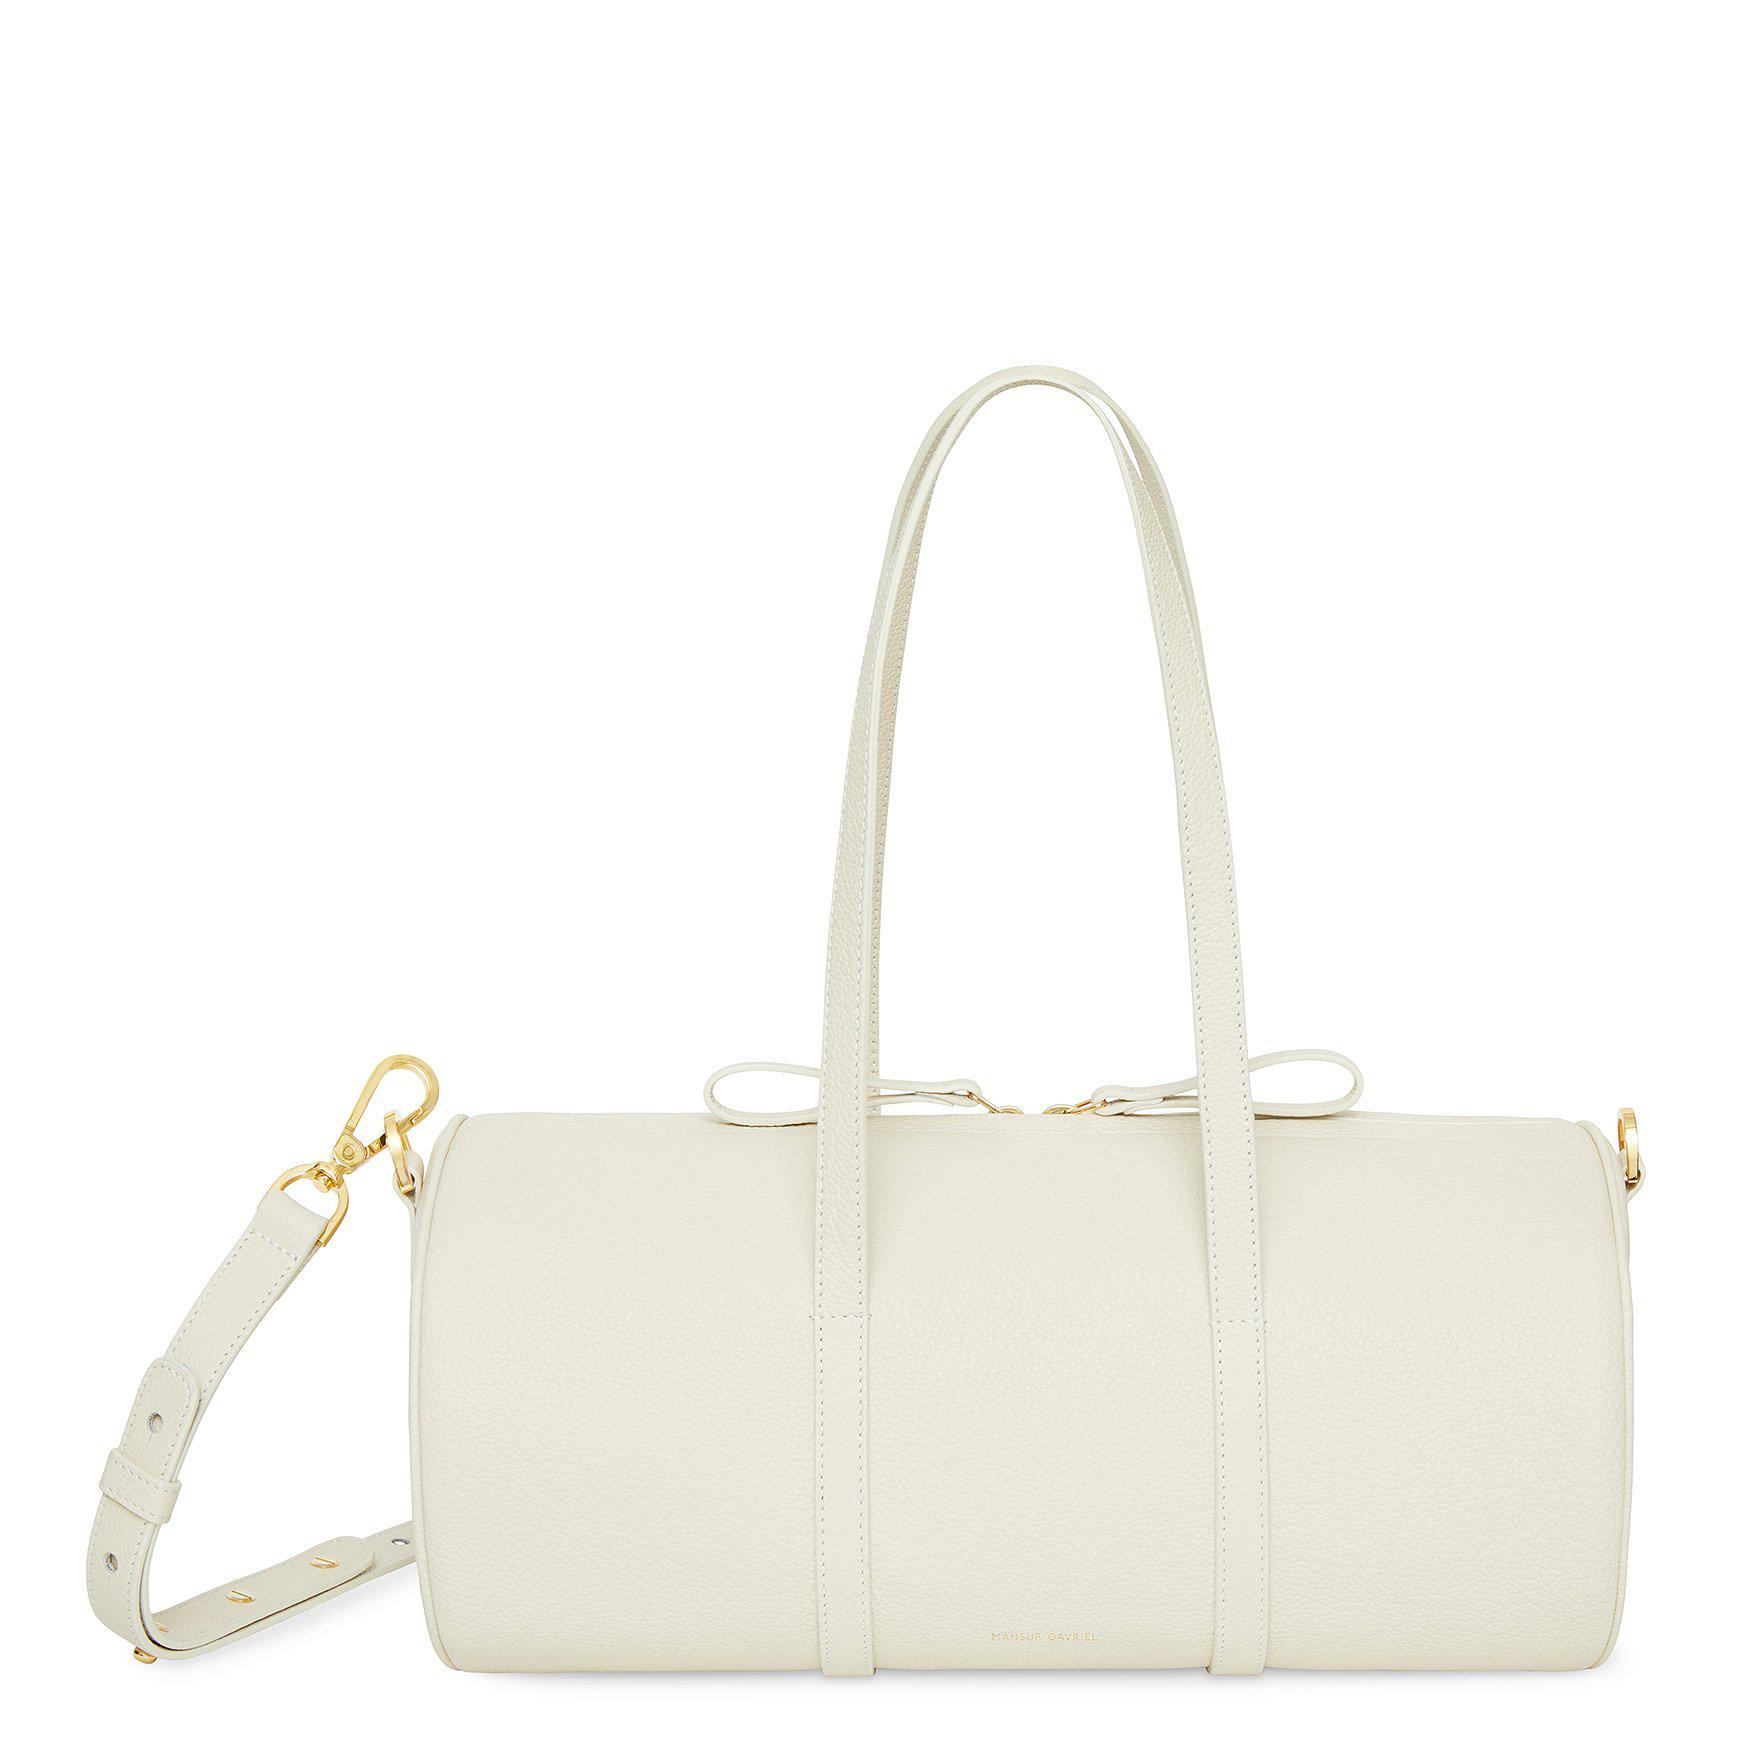 Lyst - Mansur Gavriel Pebble Mini Duffle Bag - Creme c59e264c65ce4